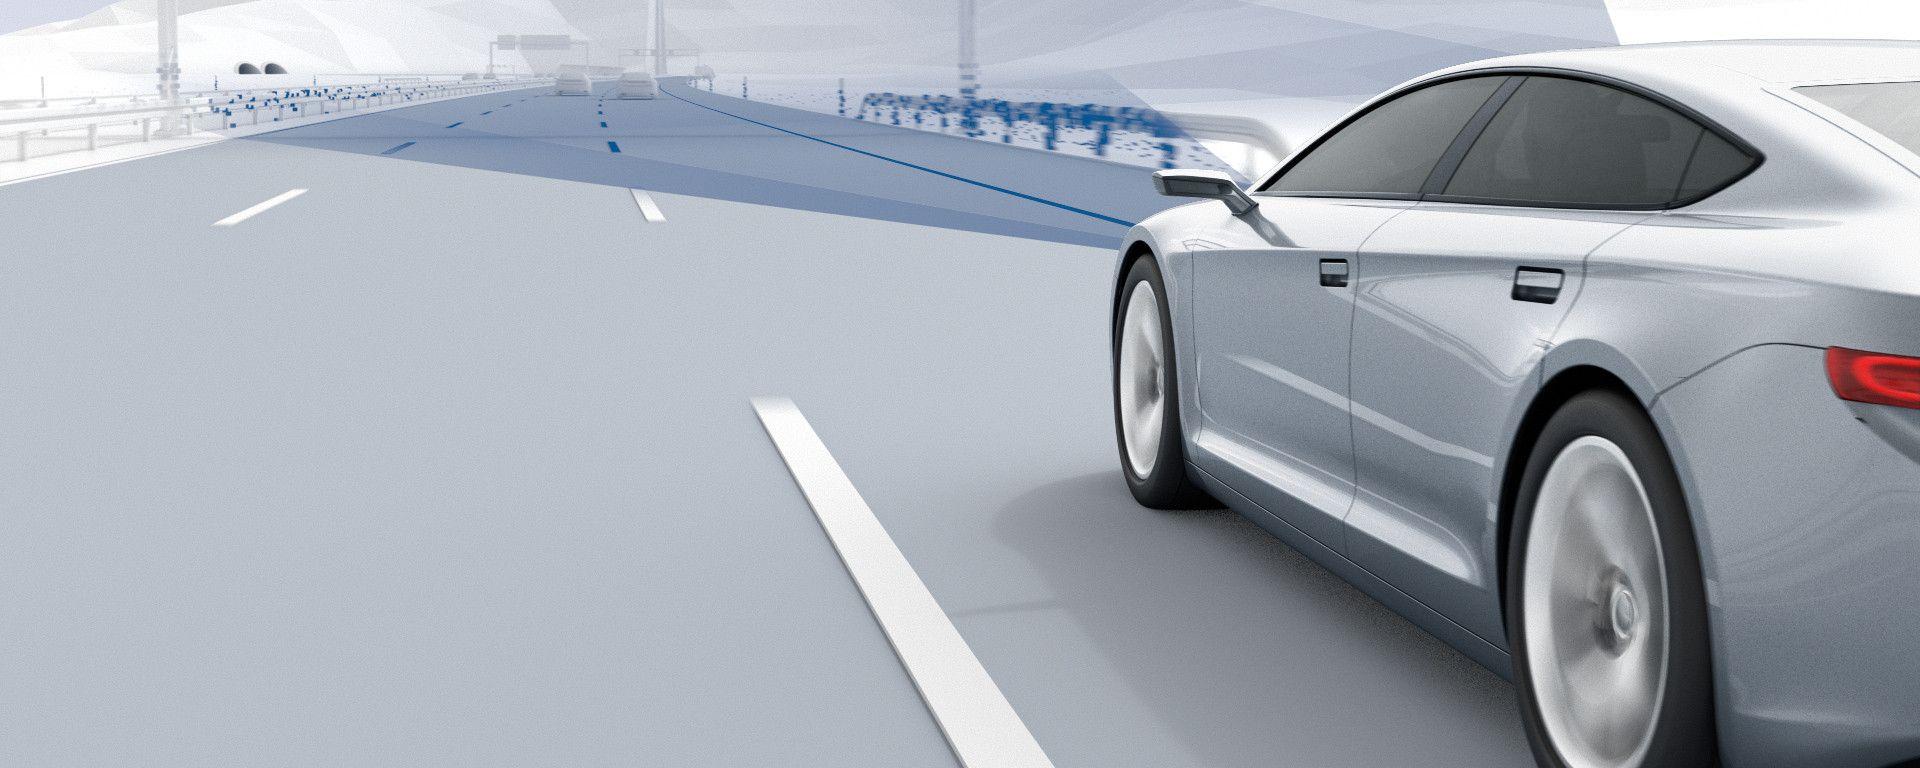 Bosch e la guida autonoma, un intreccio di hardware, software e servizi